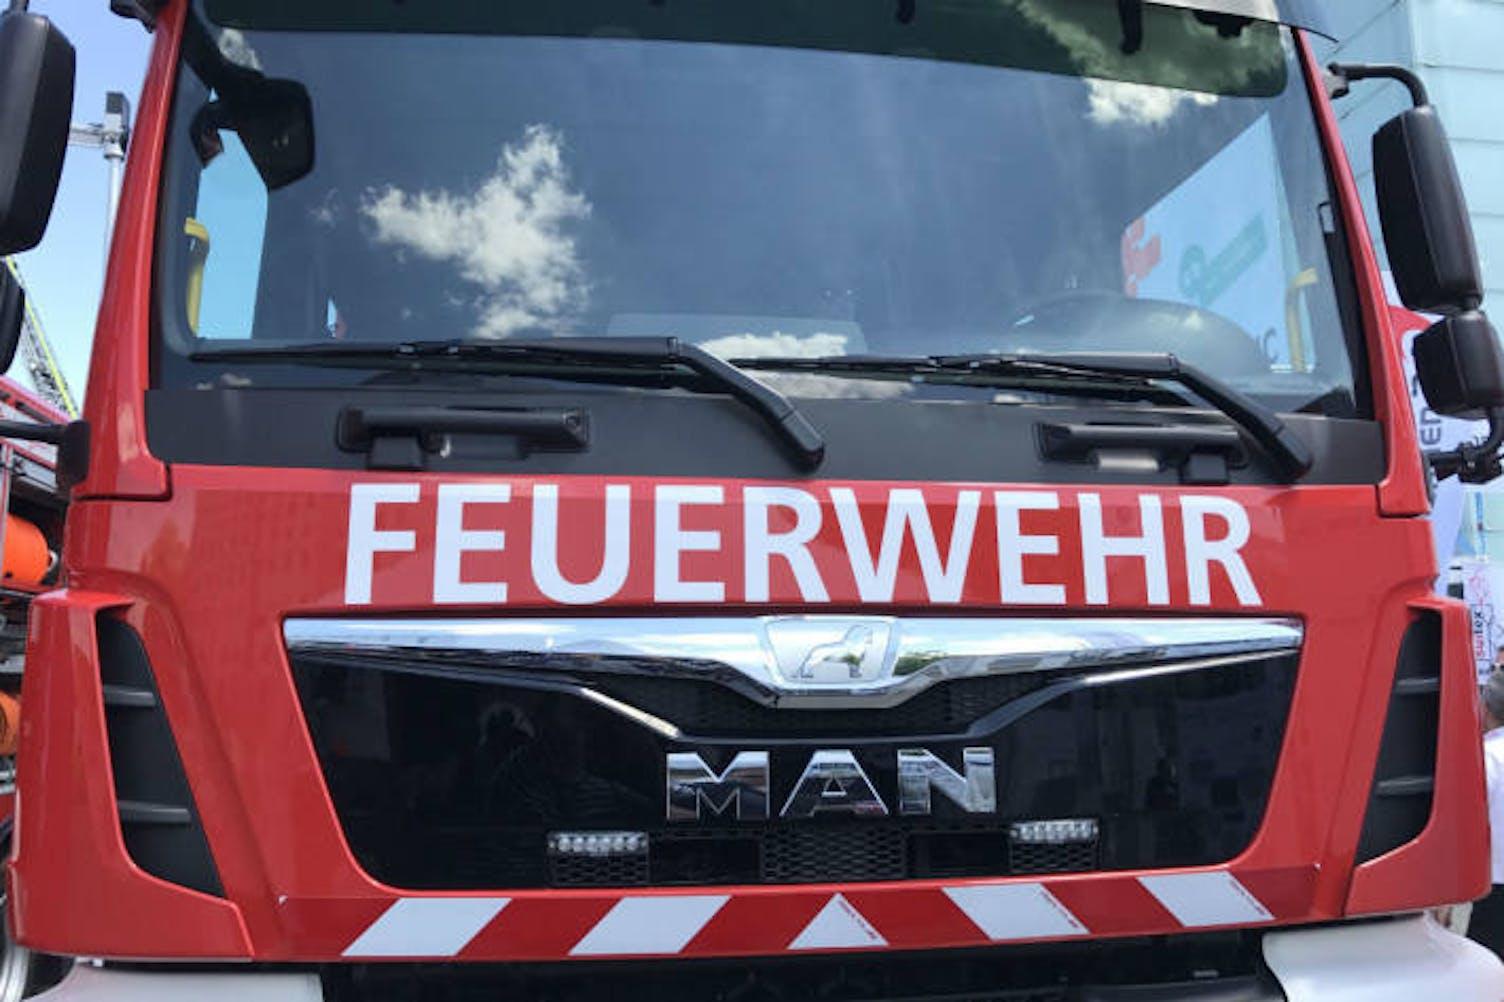 Feuerwehr (Symbol)